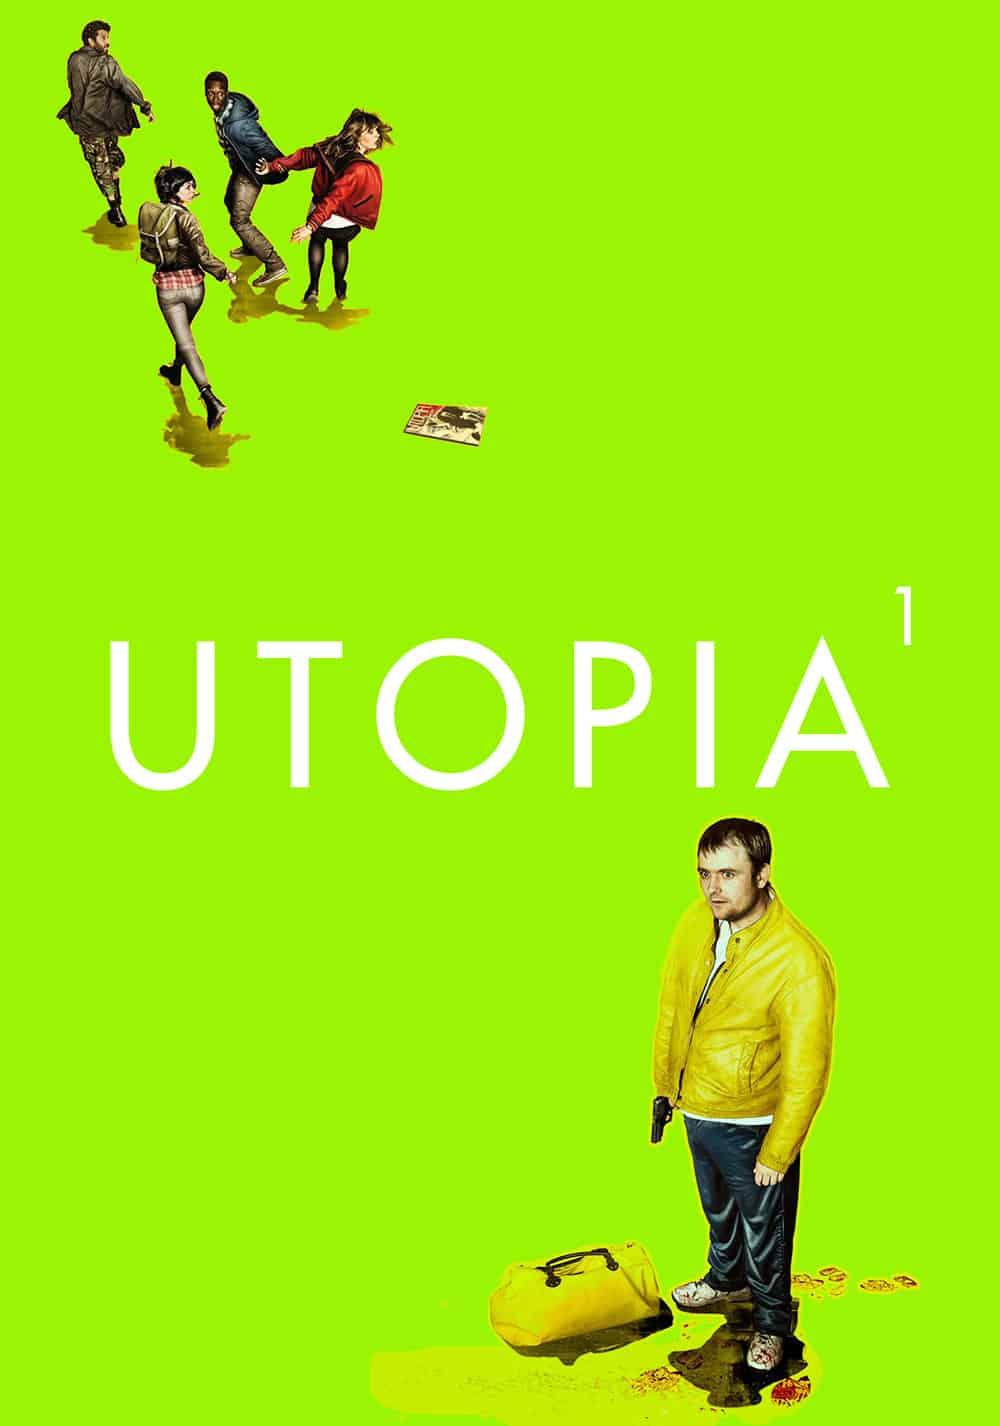 Utopia, 2013